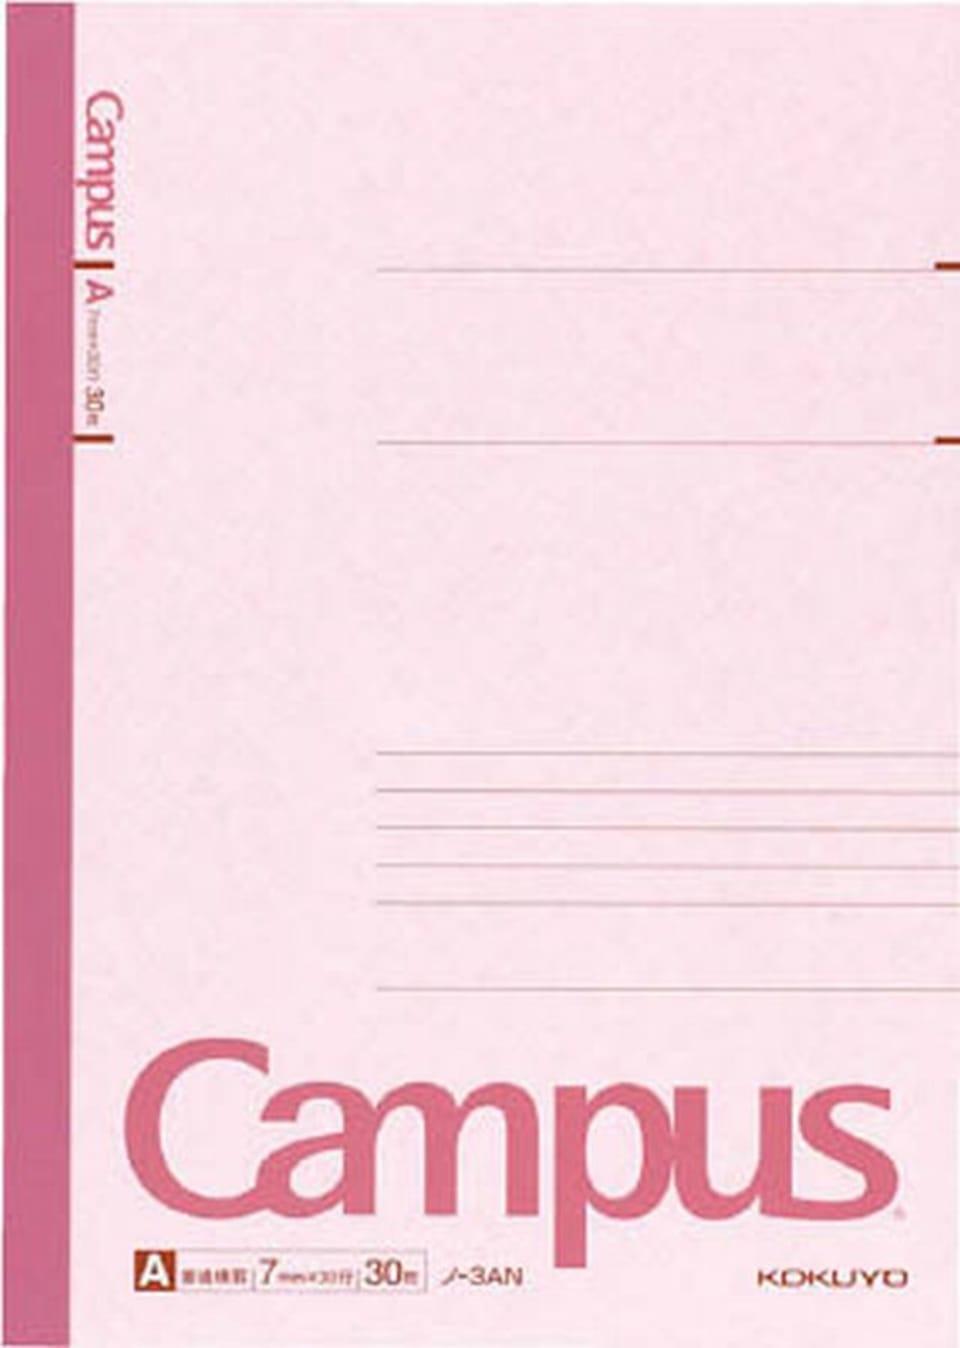 campus_13